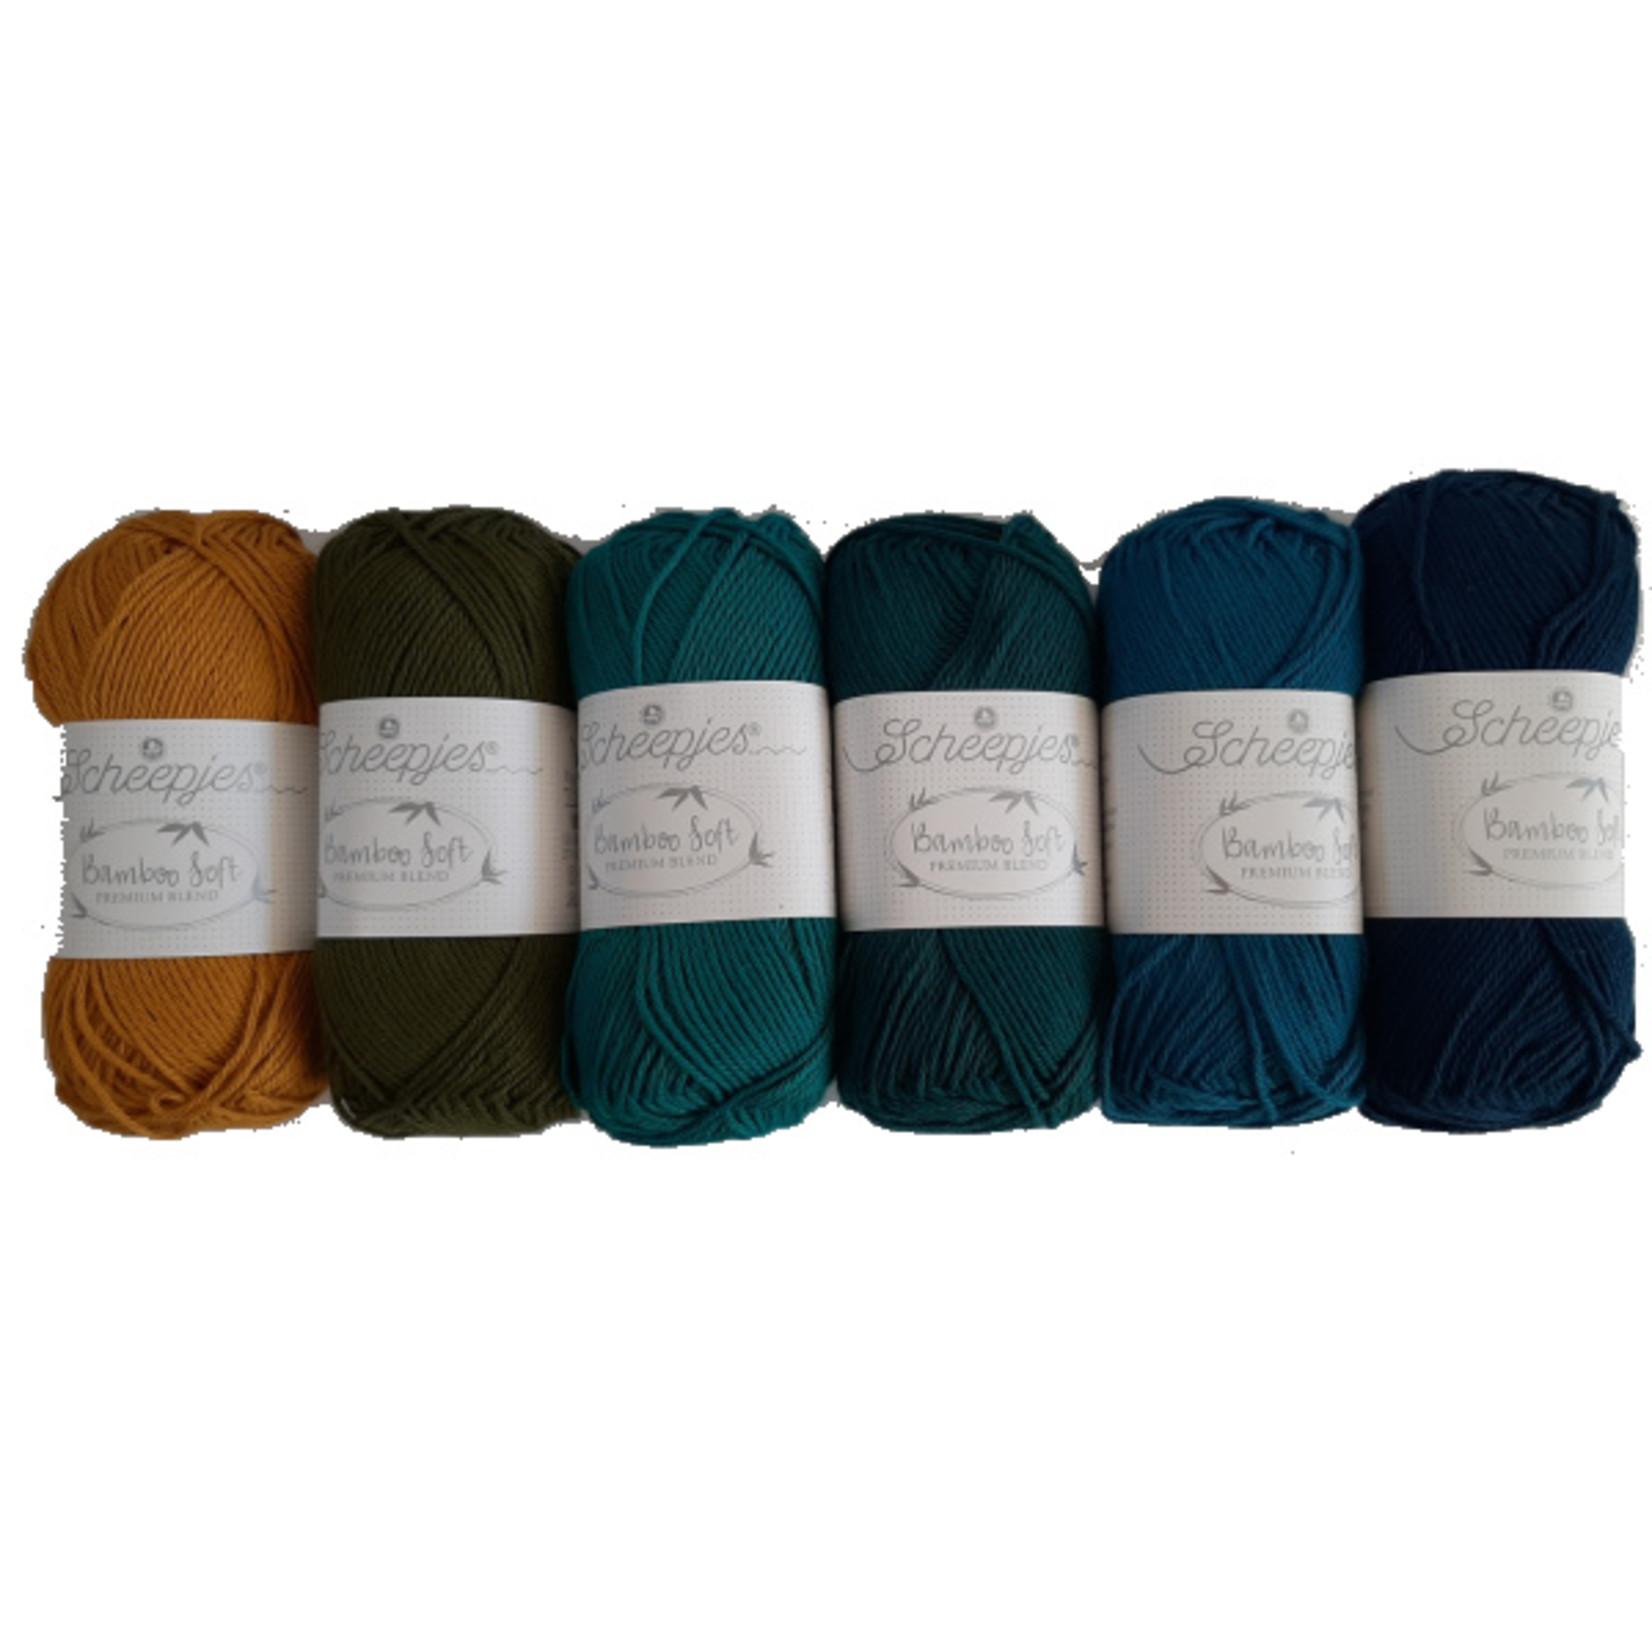 Scheepjes Scheepjes Bamboo Soft Assortiment Blauw- 6 kleuren blauwtinten per bol van 50 gr. = 6 bollen